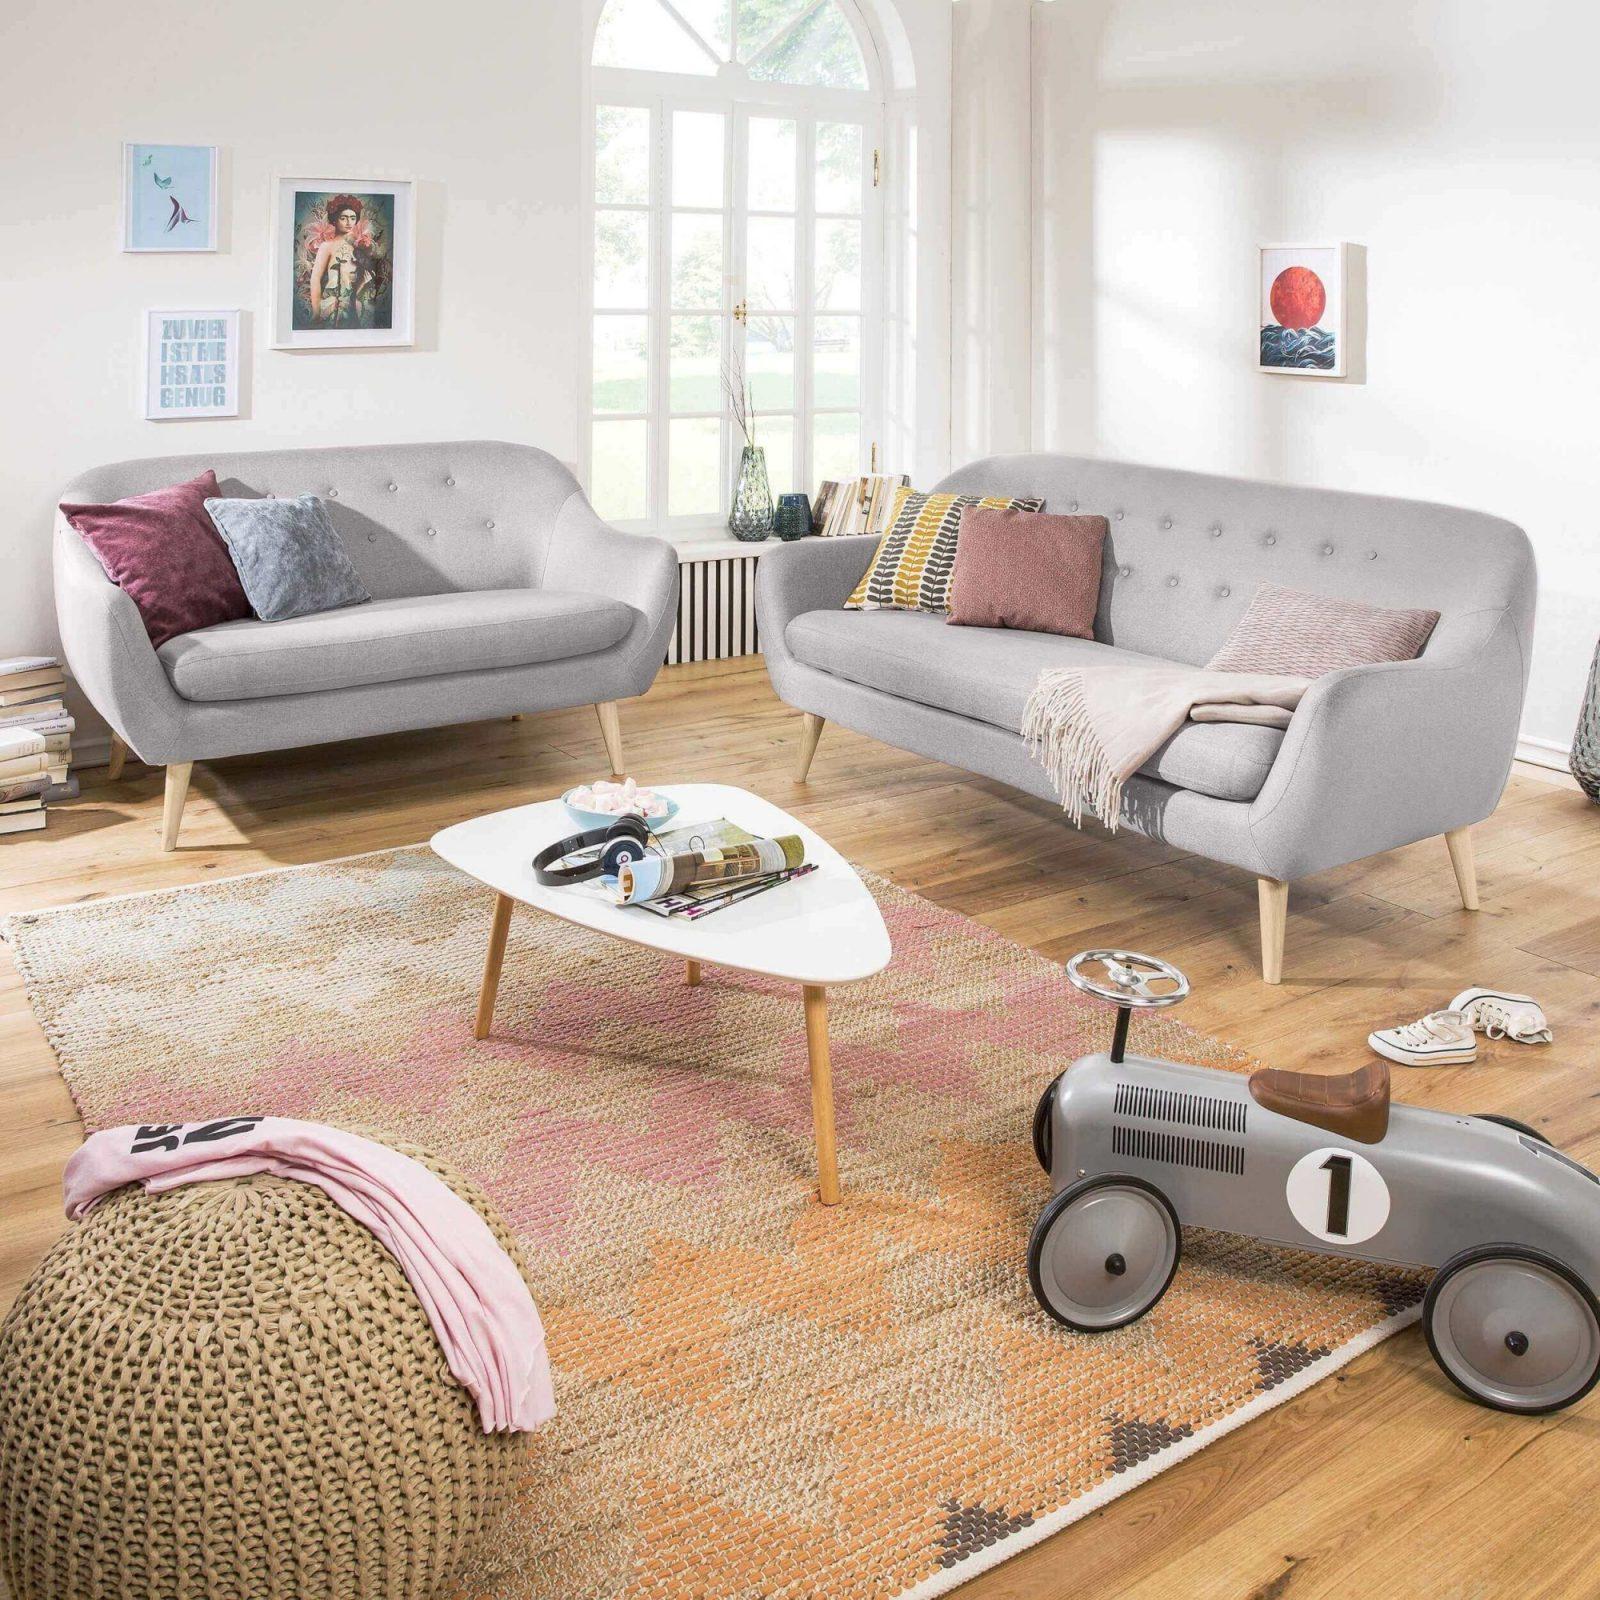 Wohnzimmer Traumhafte Möbel Online Kaufen  Segmüller von Bilder Für Wohnzimmer Kaufen Bild